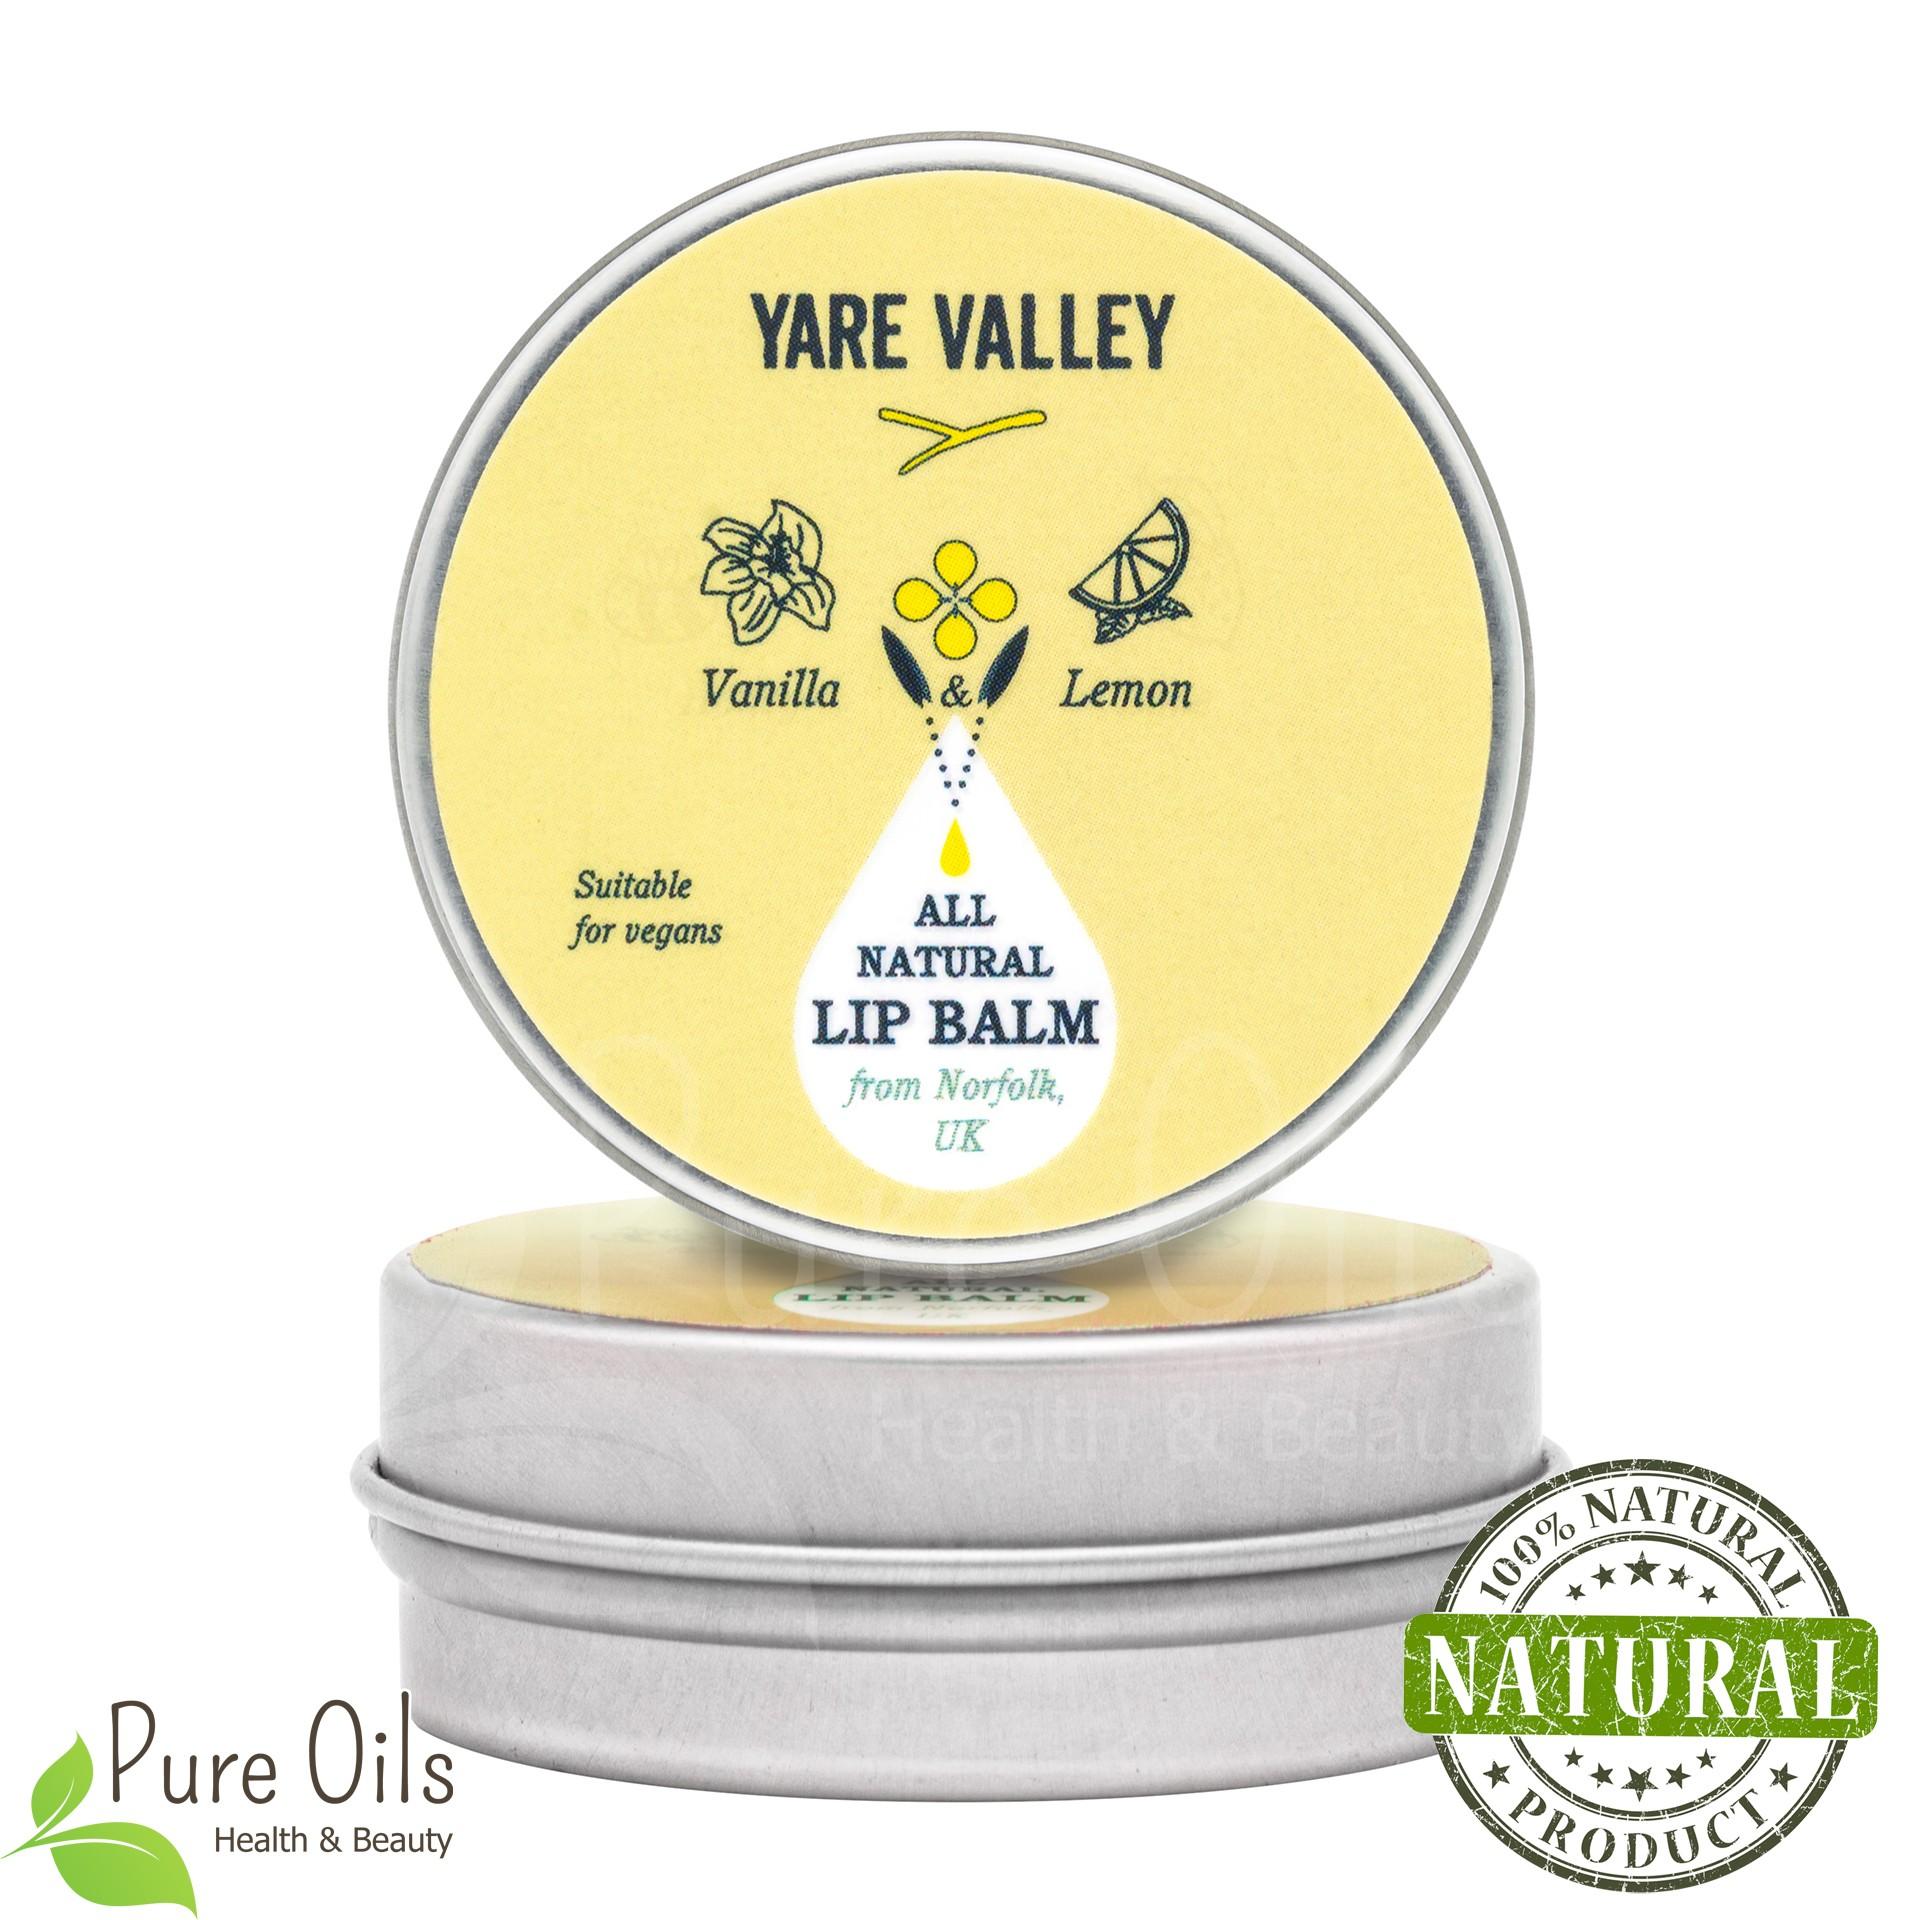 Vanilla and Lemon Natural Lip Balm, Yare Valley